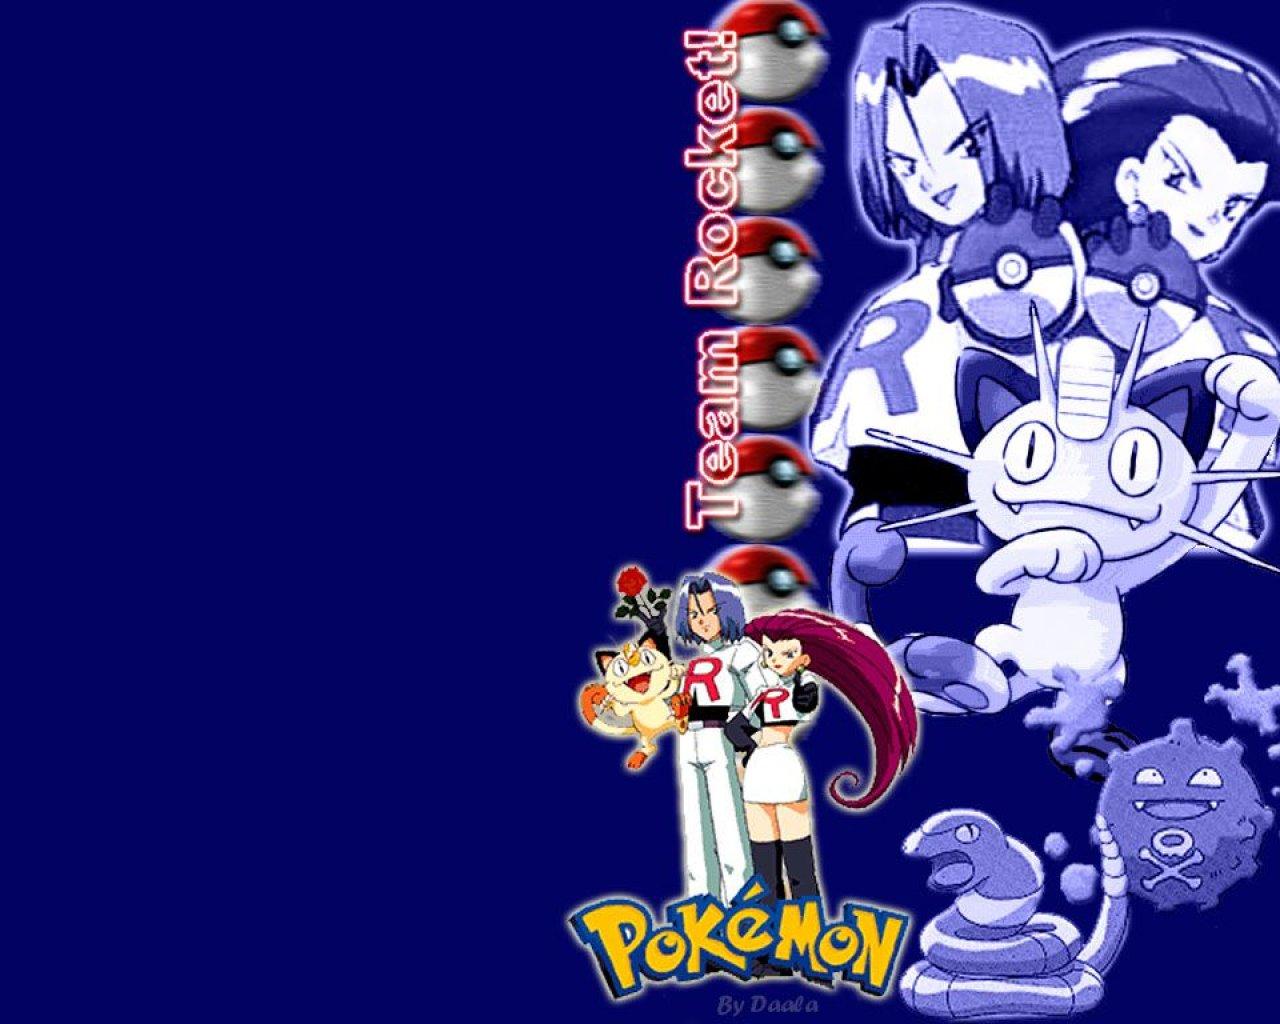 Pokemon Wallpapers Download Pokemon Wallpapers Pokemon